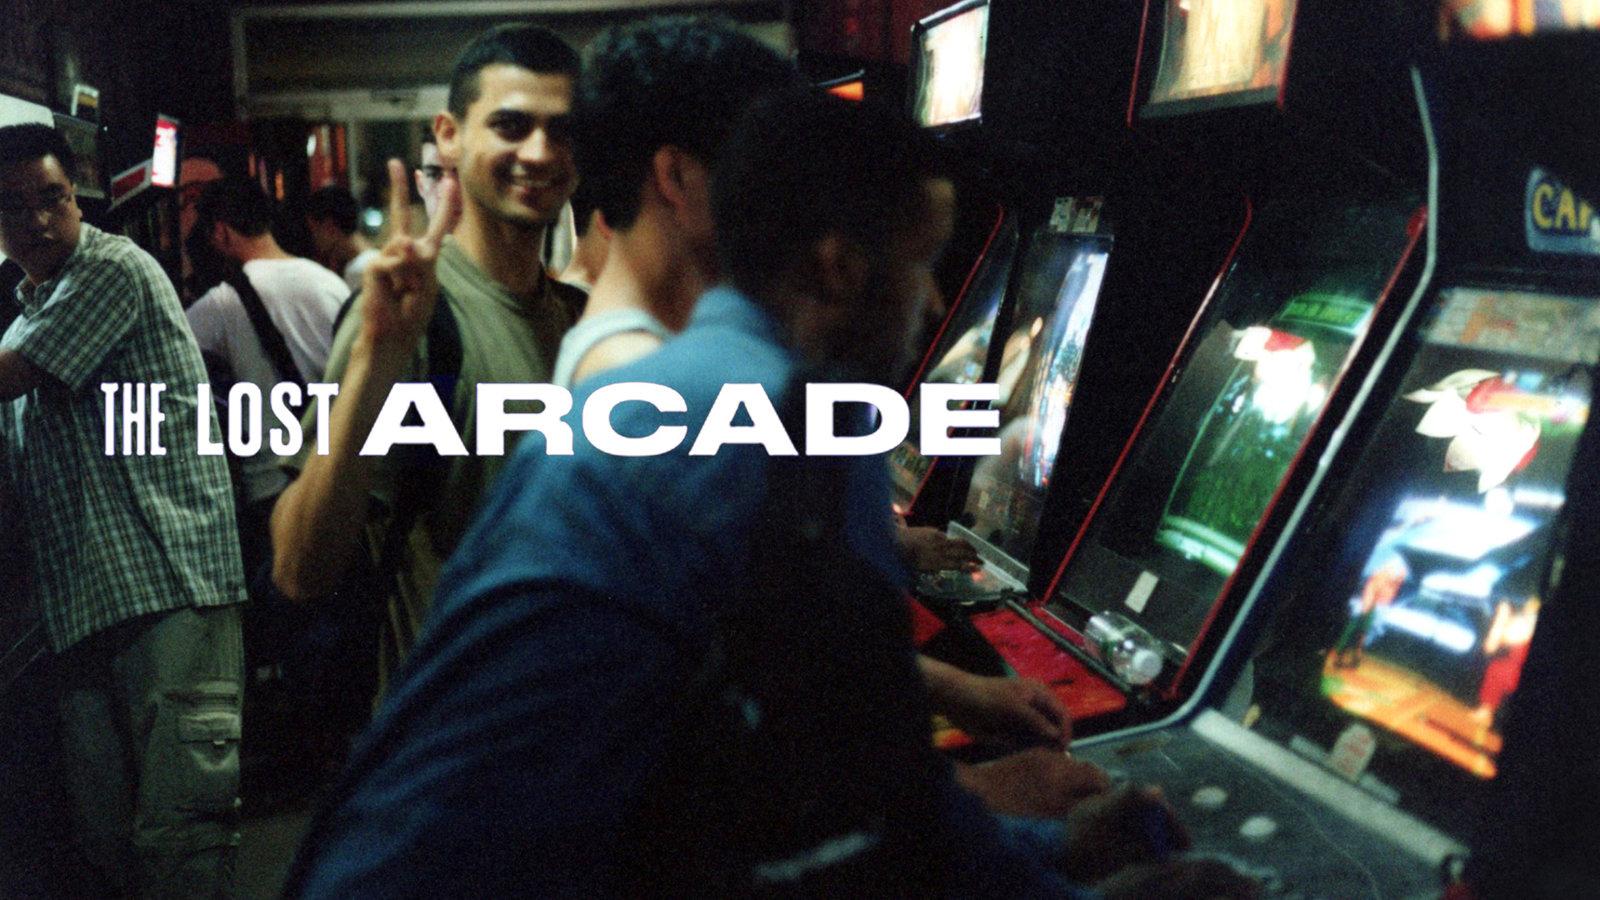 The Lost Arcade - The History of a Pop Culture Phenomenon